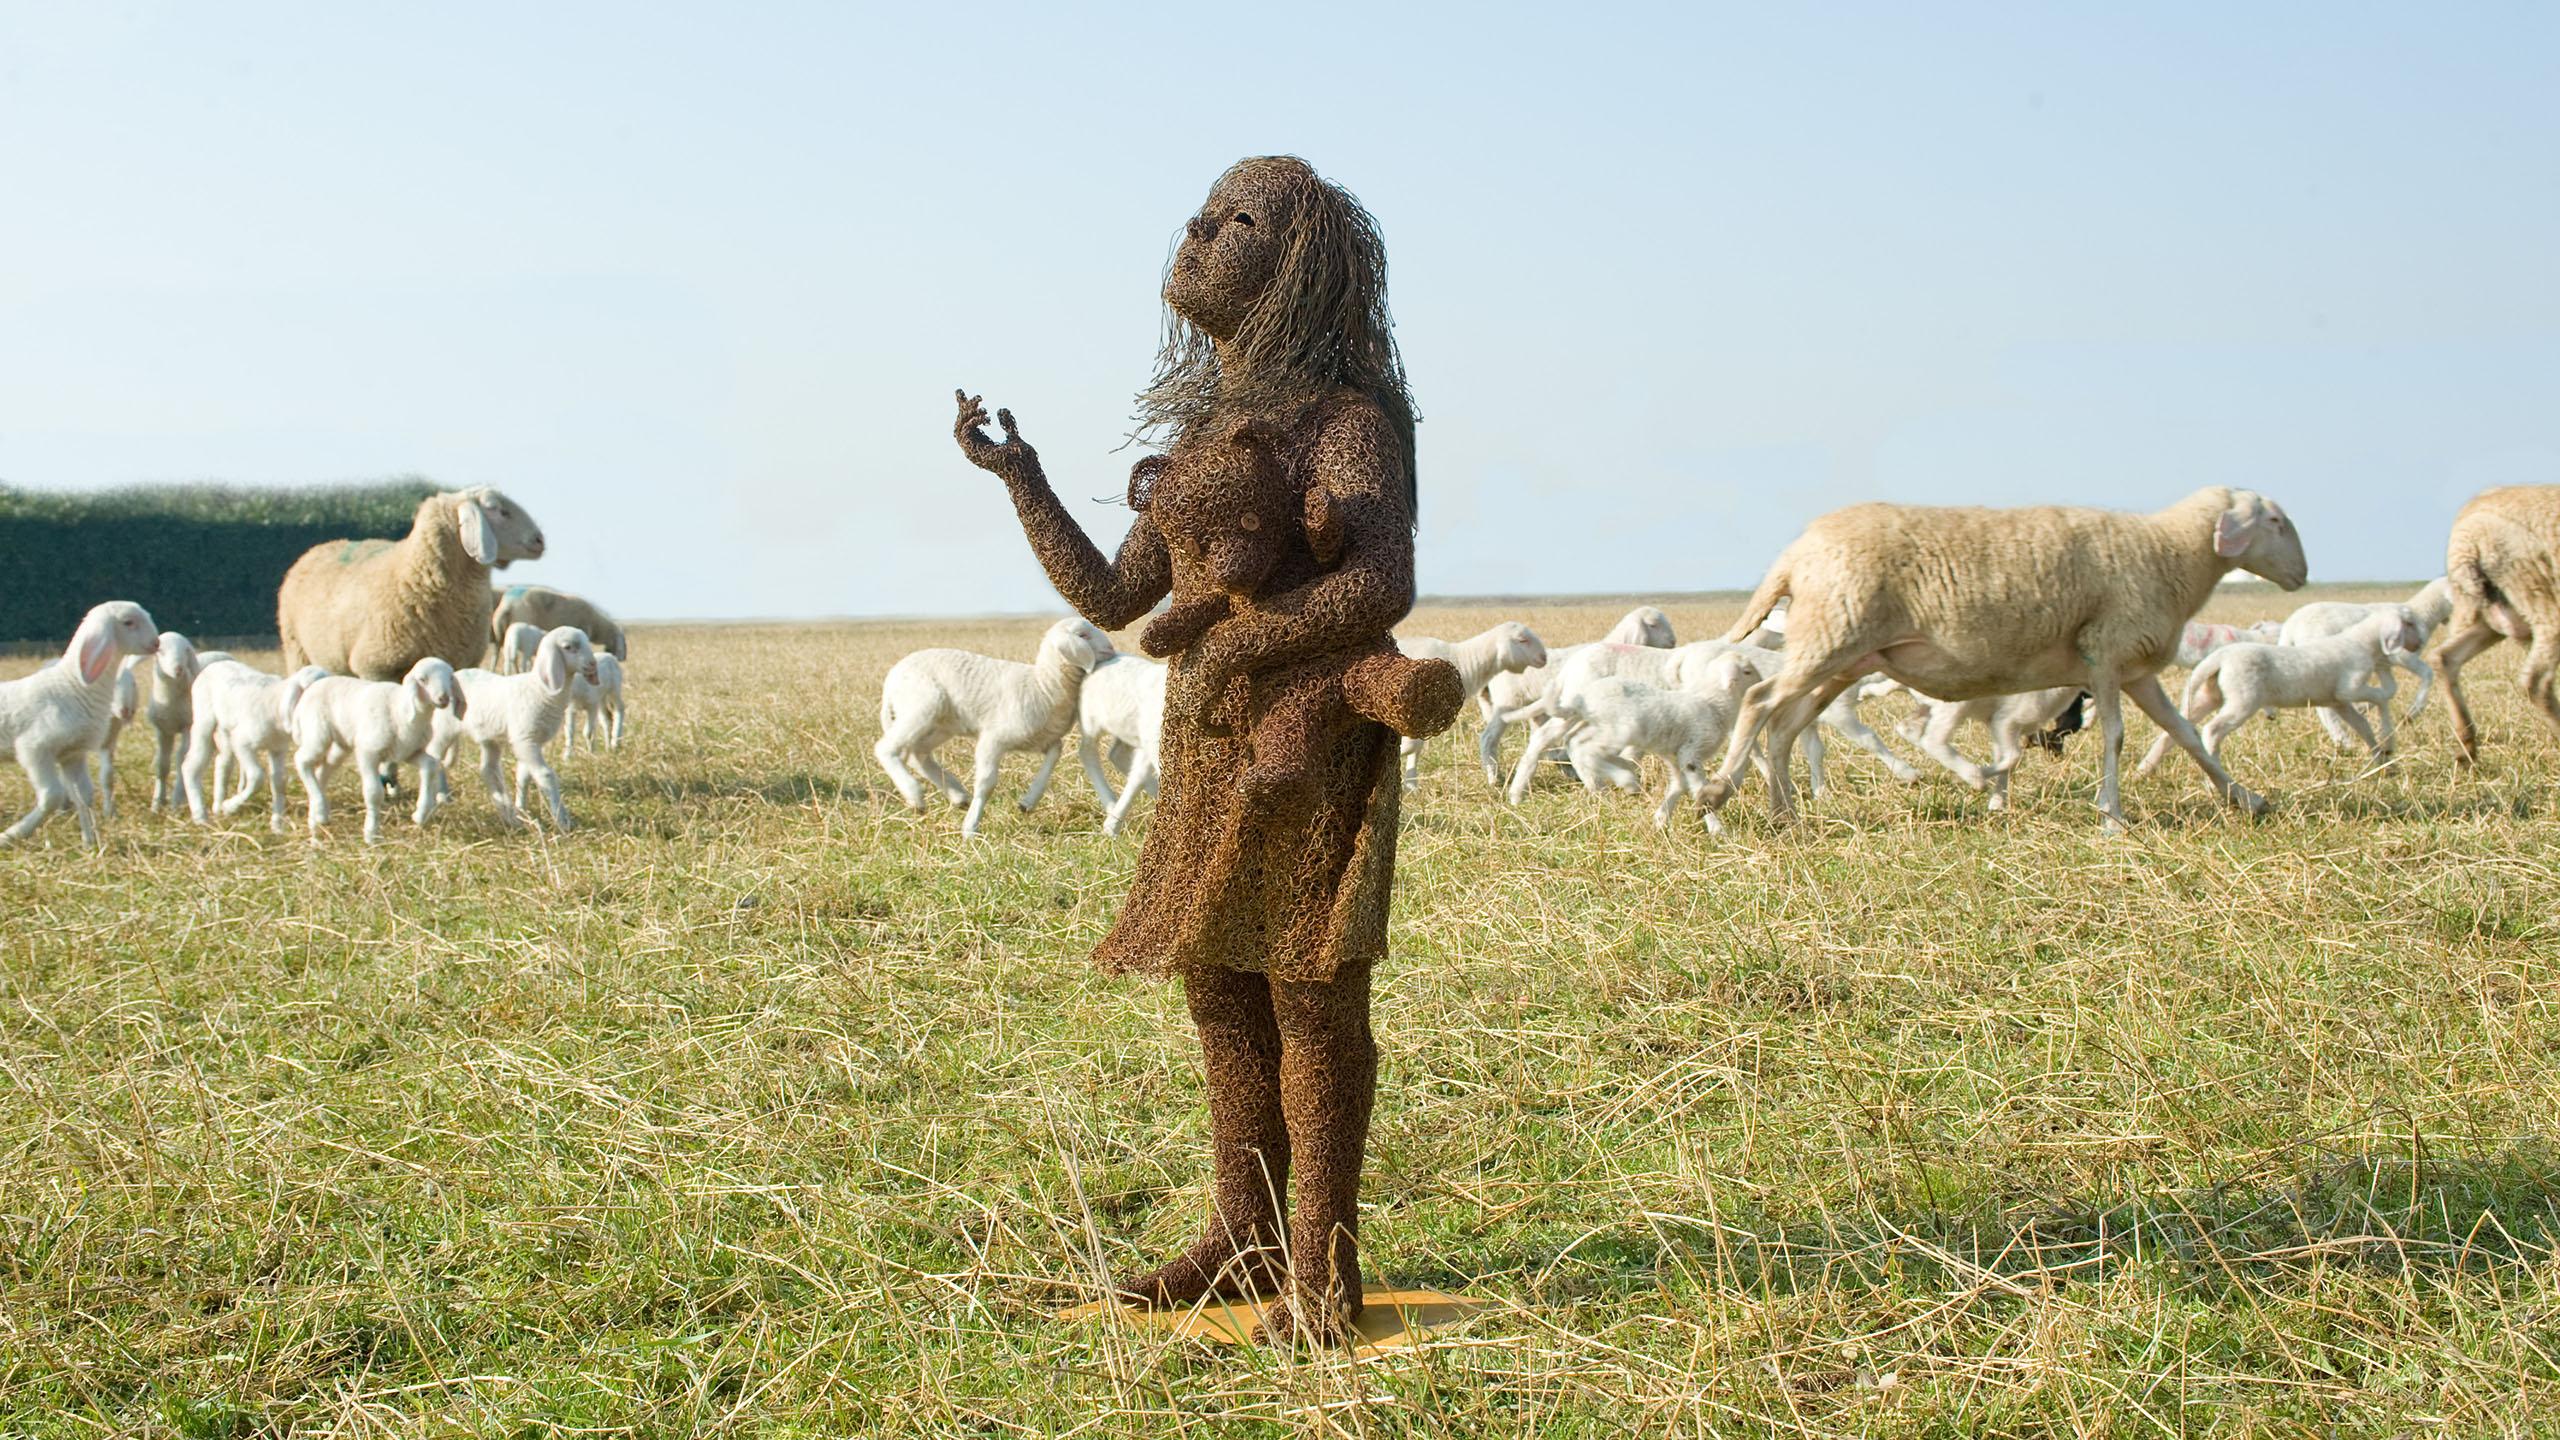 mattia-trotta-artista-scultore-arte-sacra-sculture-su-commissione-in-filo-metallico-ferro-bronzo-acciaio-alluminio-7